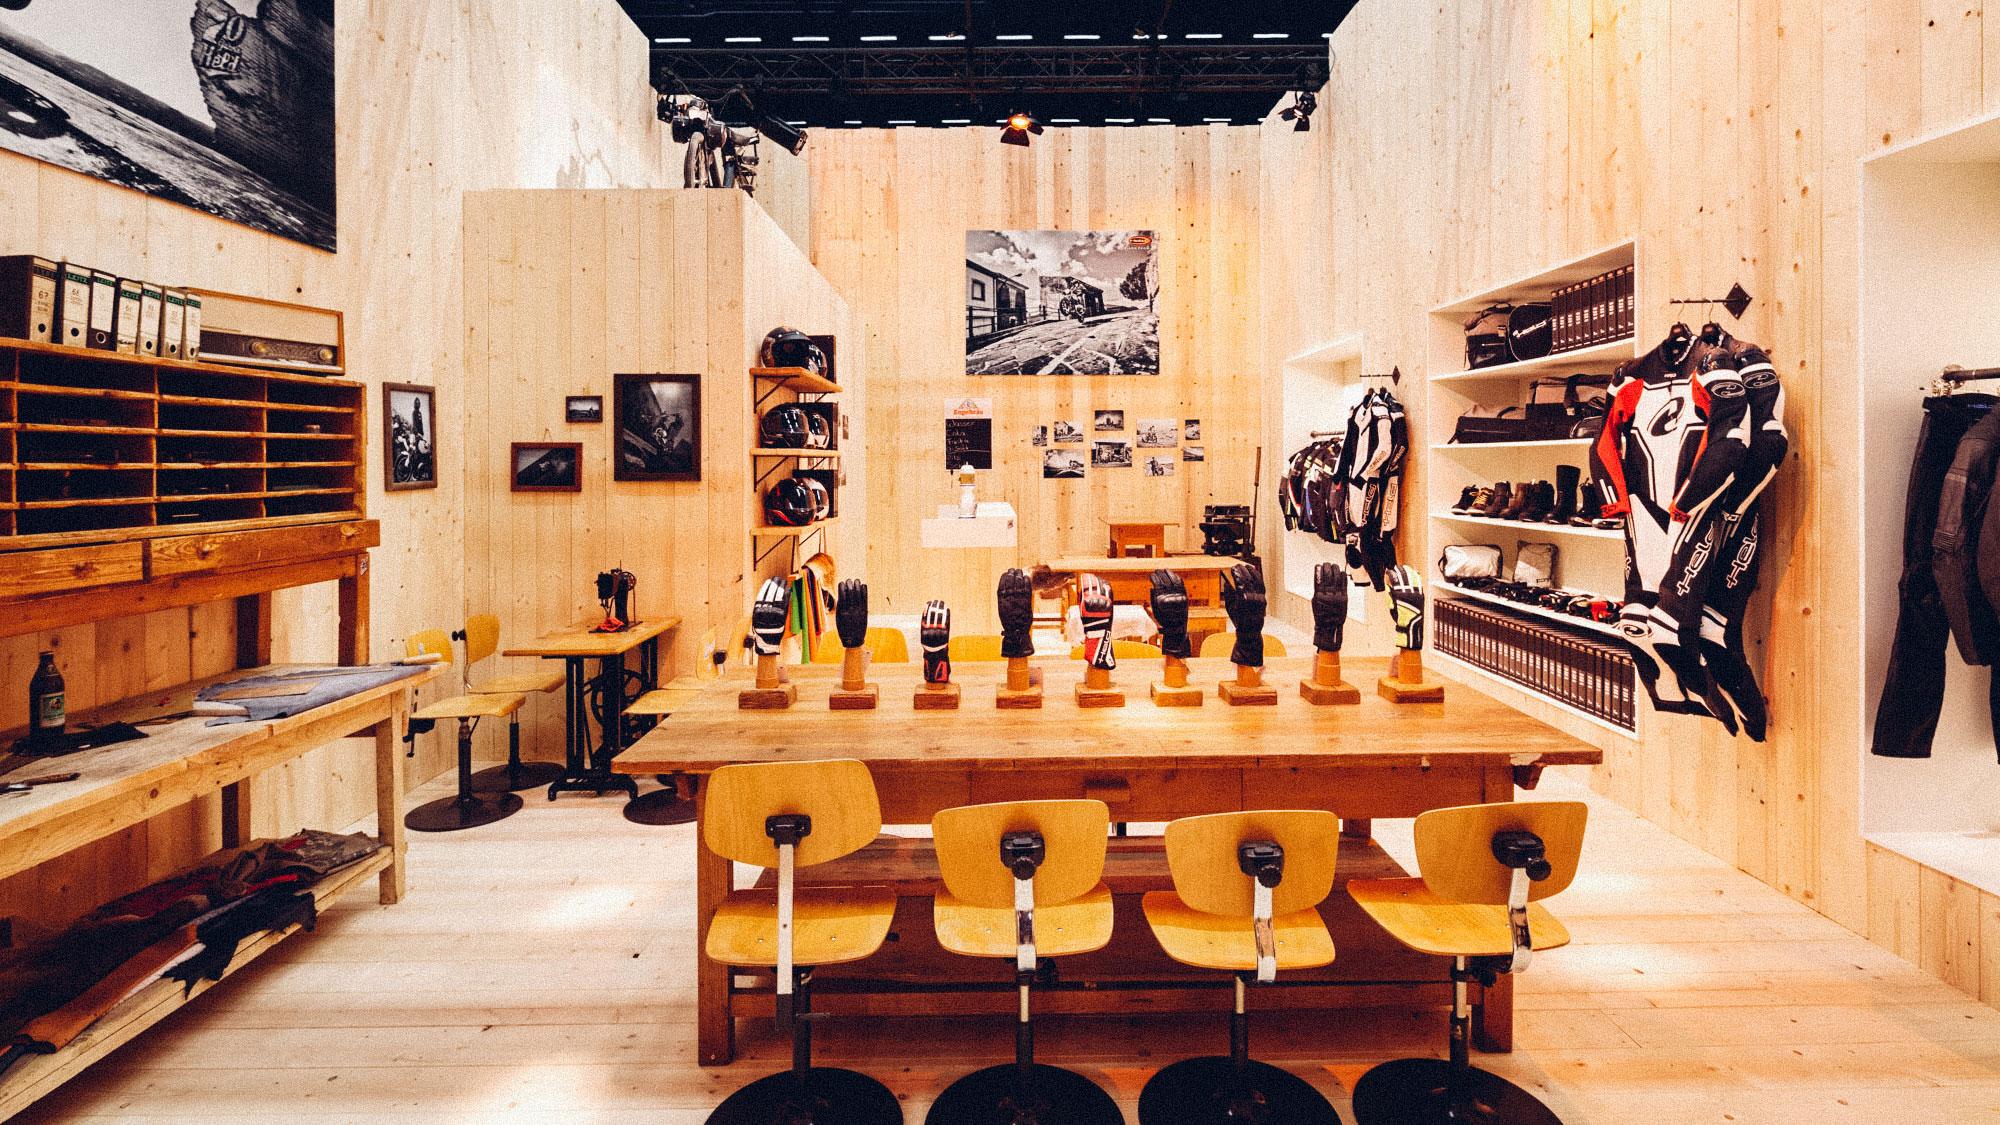 Ein Foto des Besprechungsraumes des 70-Jahre-Held-Messestandes. Alles ist im Stil einer Berghütte gehalten, im Vordergrund ein Schreibtisch mit den aktuellen HELD-Motorrad-Handschuhen. Konzept und Design sind von MAJORMAJOR.